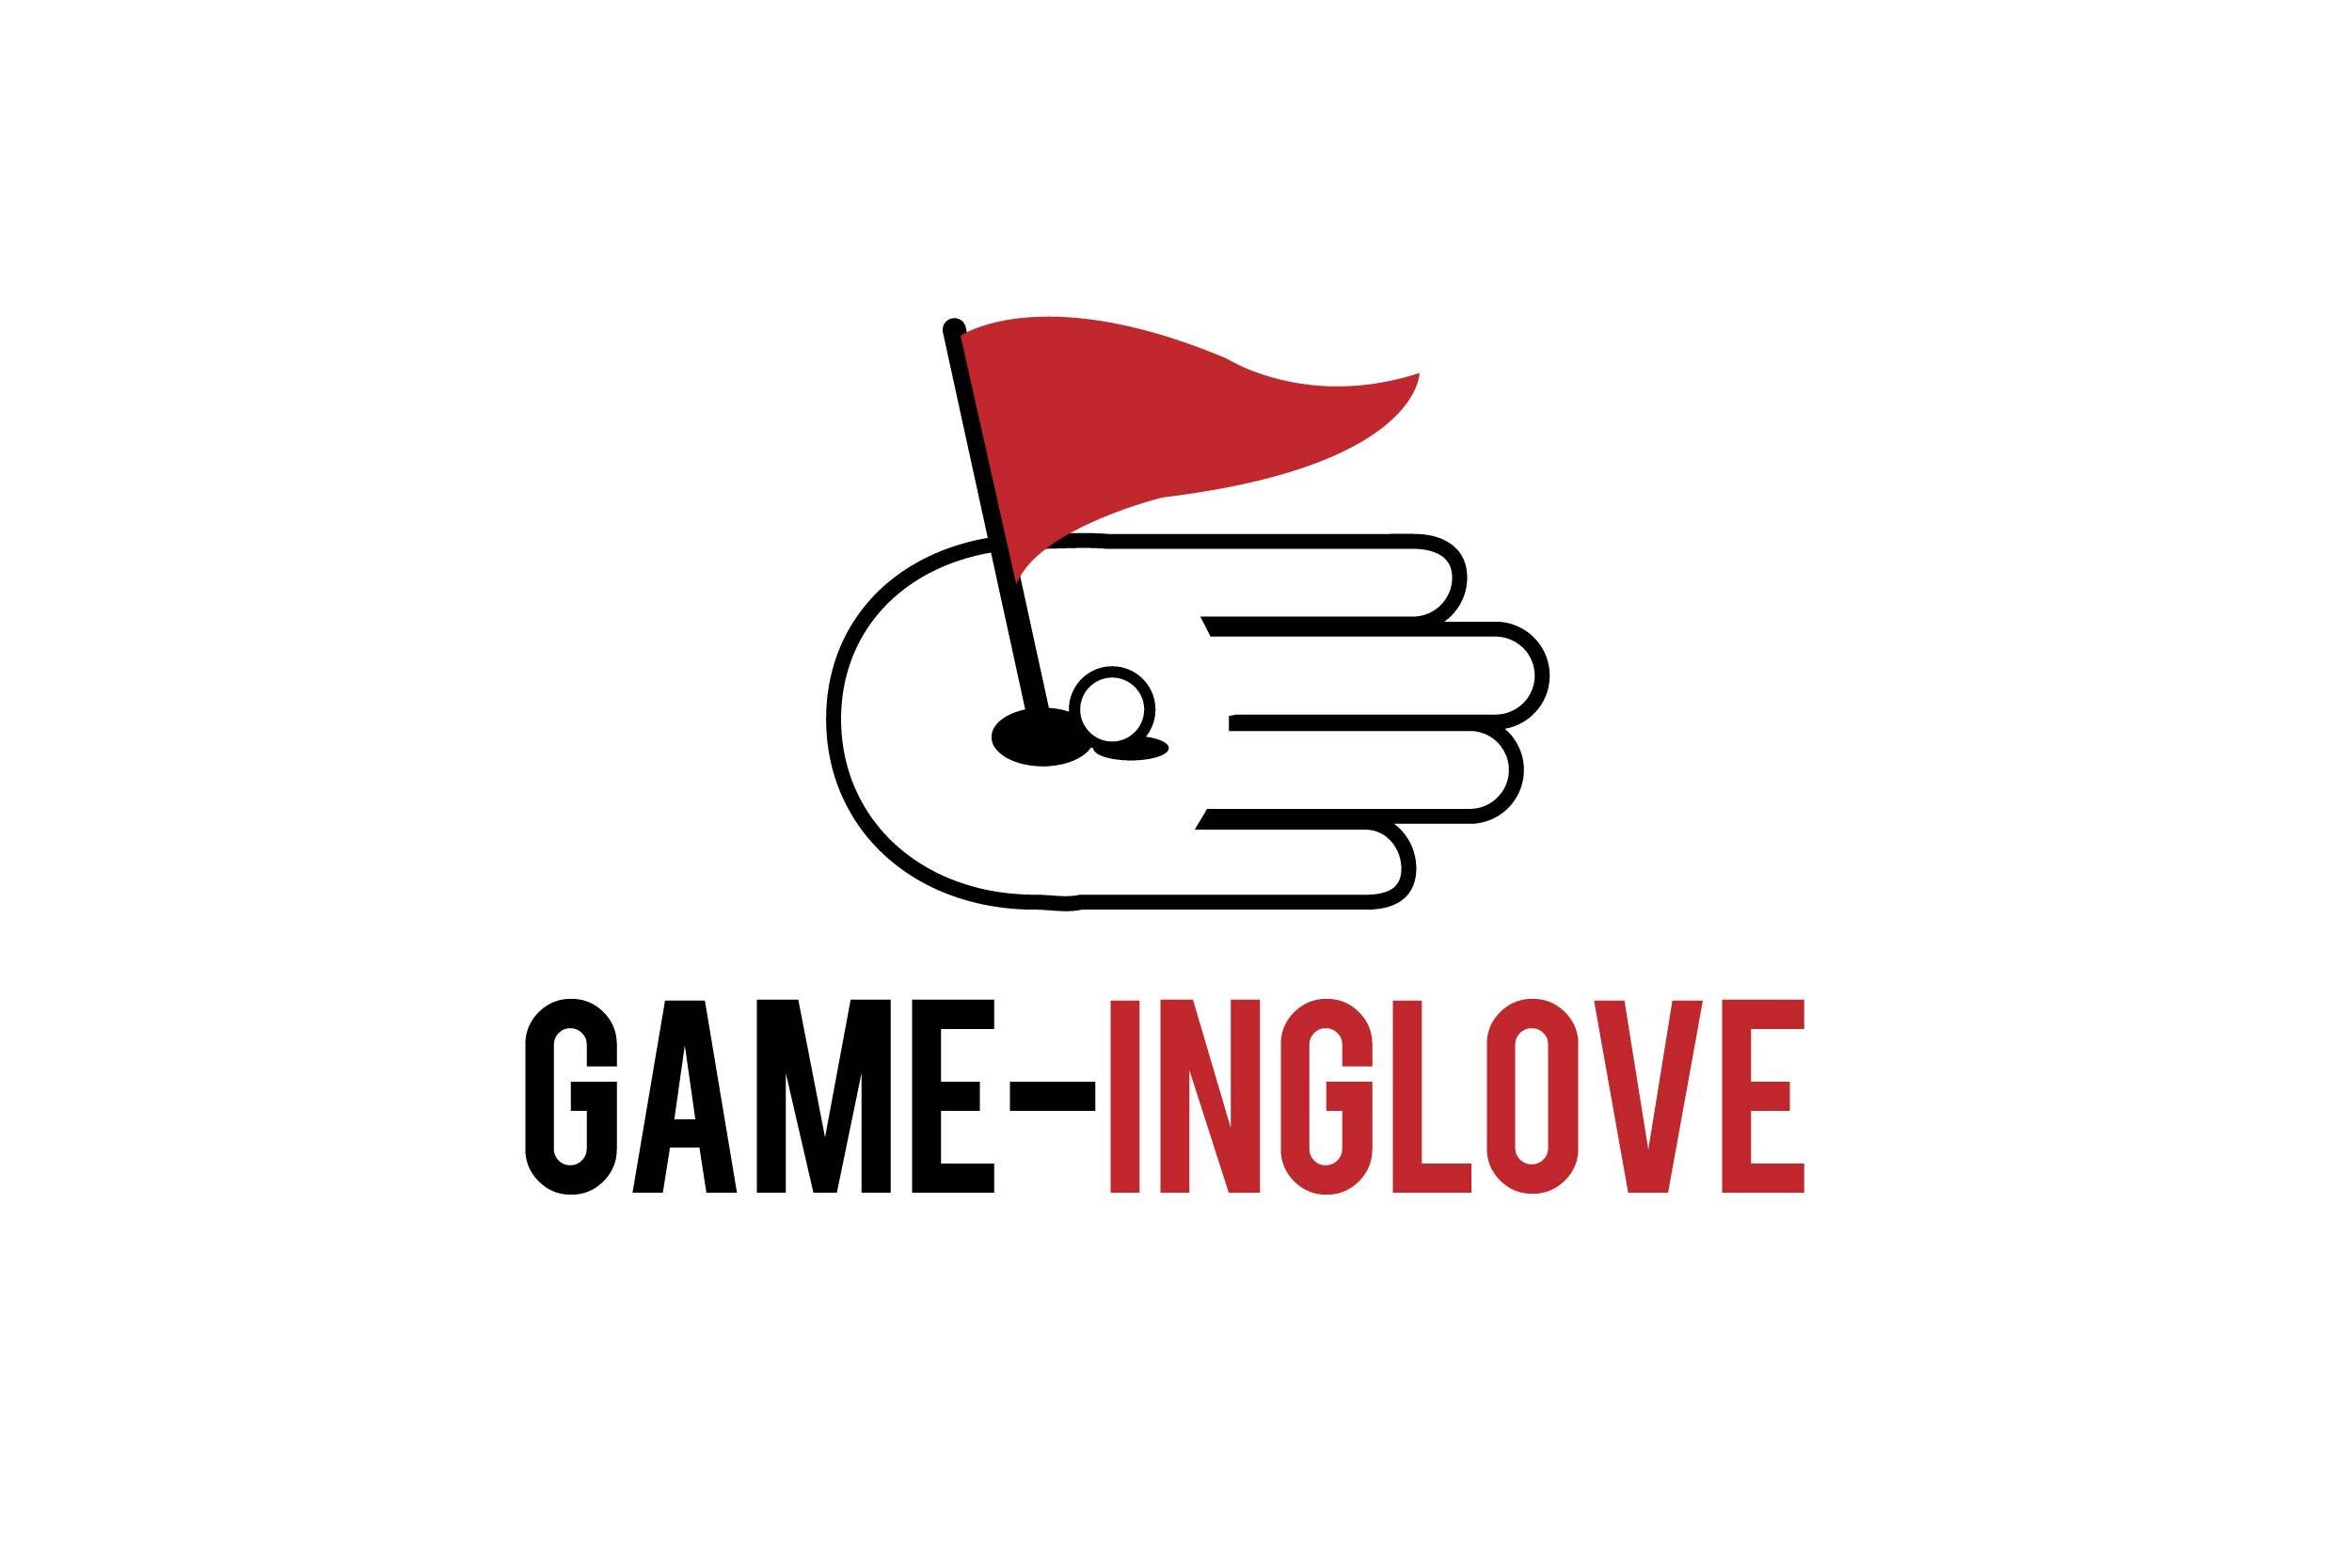 @gameinglove